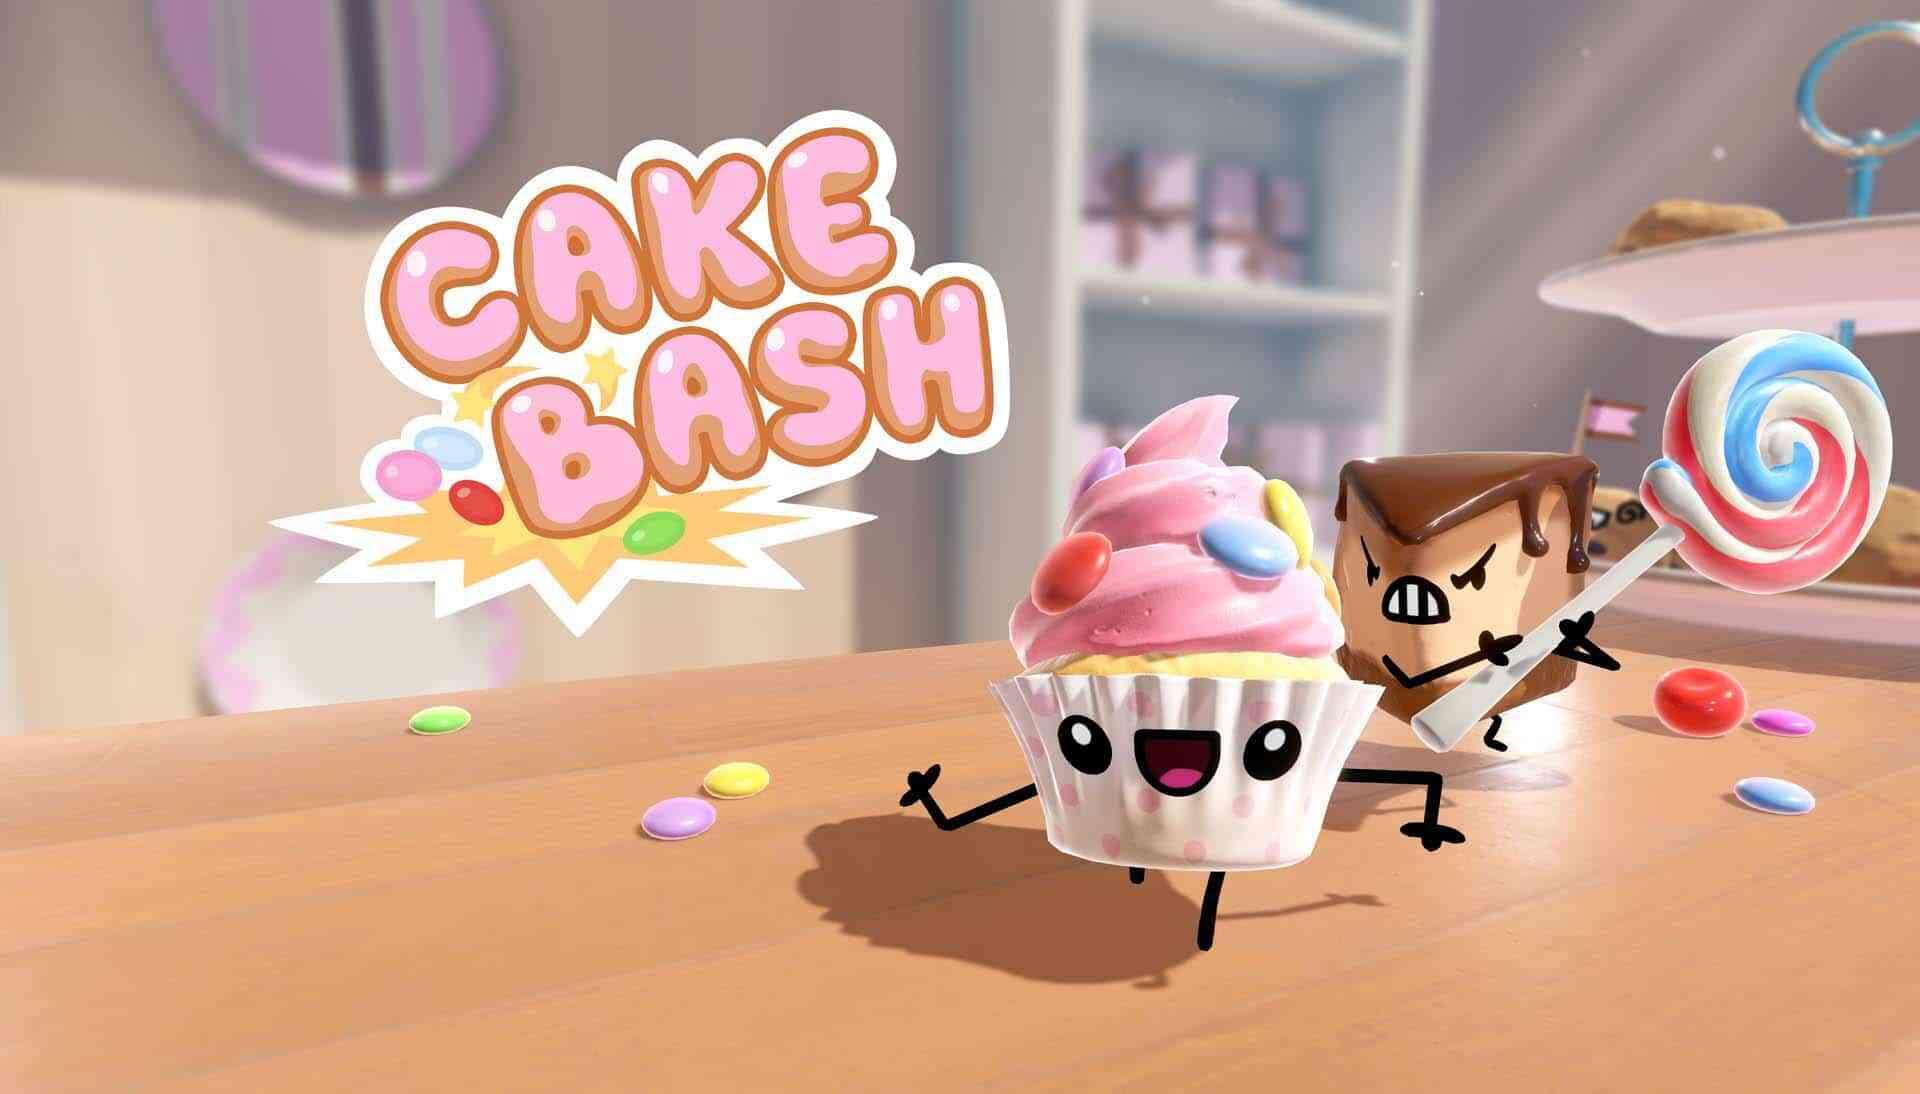 https://www.oyunindir.vip/wp-content/uploads/2020/10/cake-bash-oyunindir.vip_.jpg